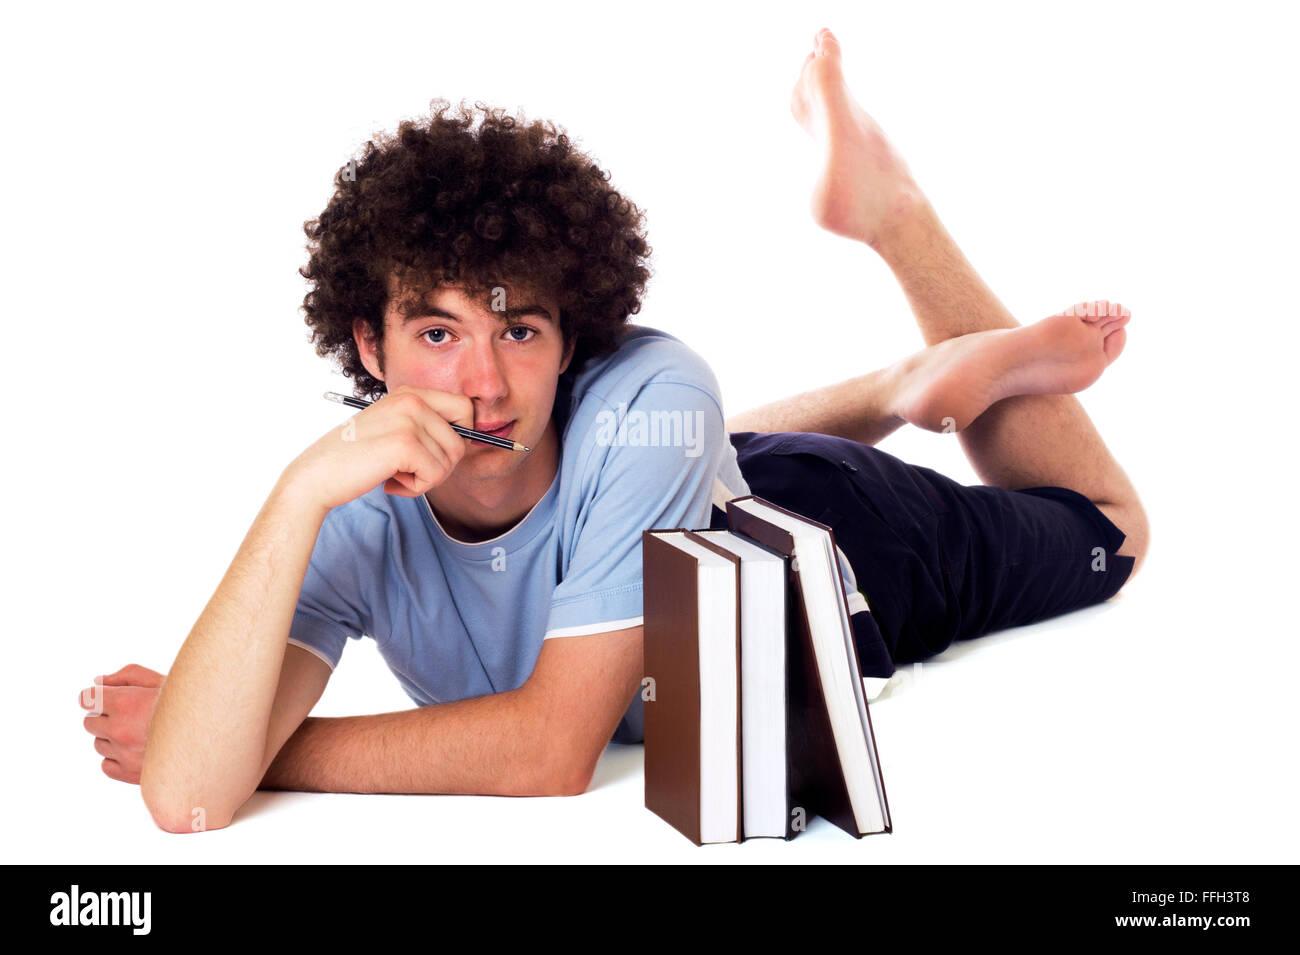 Malinconici adolescente con libri sdraiato sul pavimento e ha abbattuto l'aspetto. Isolato su bianco. Immagini Stock